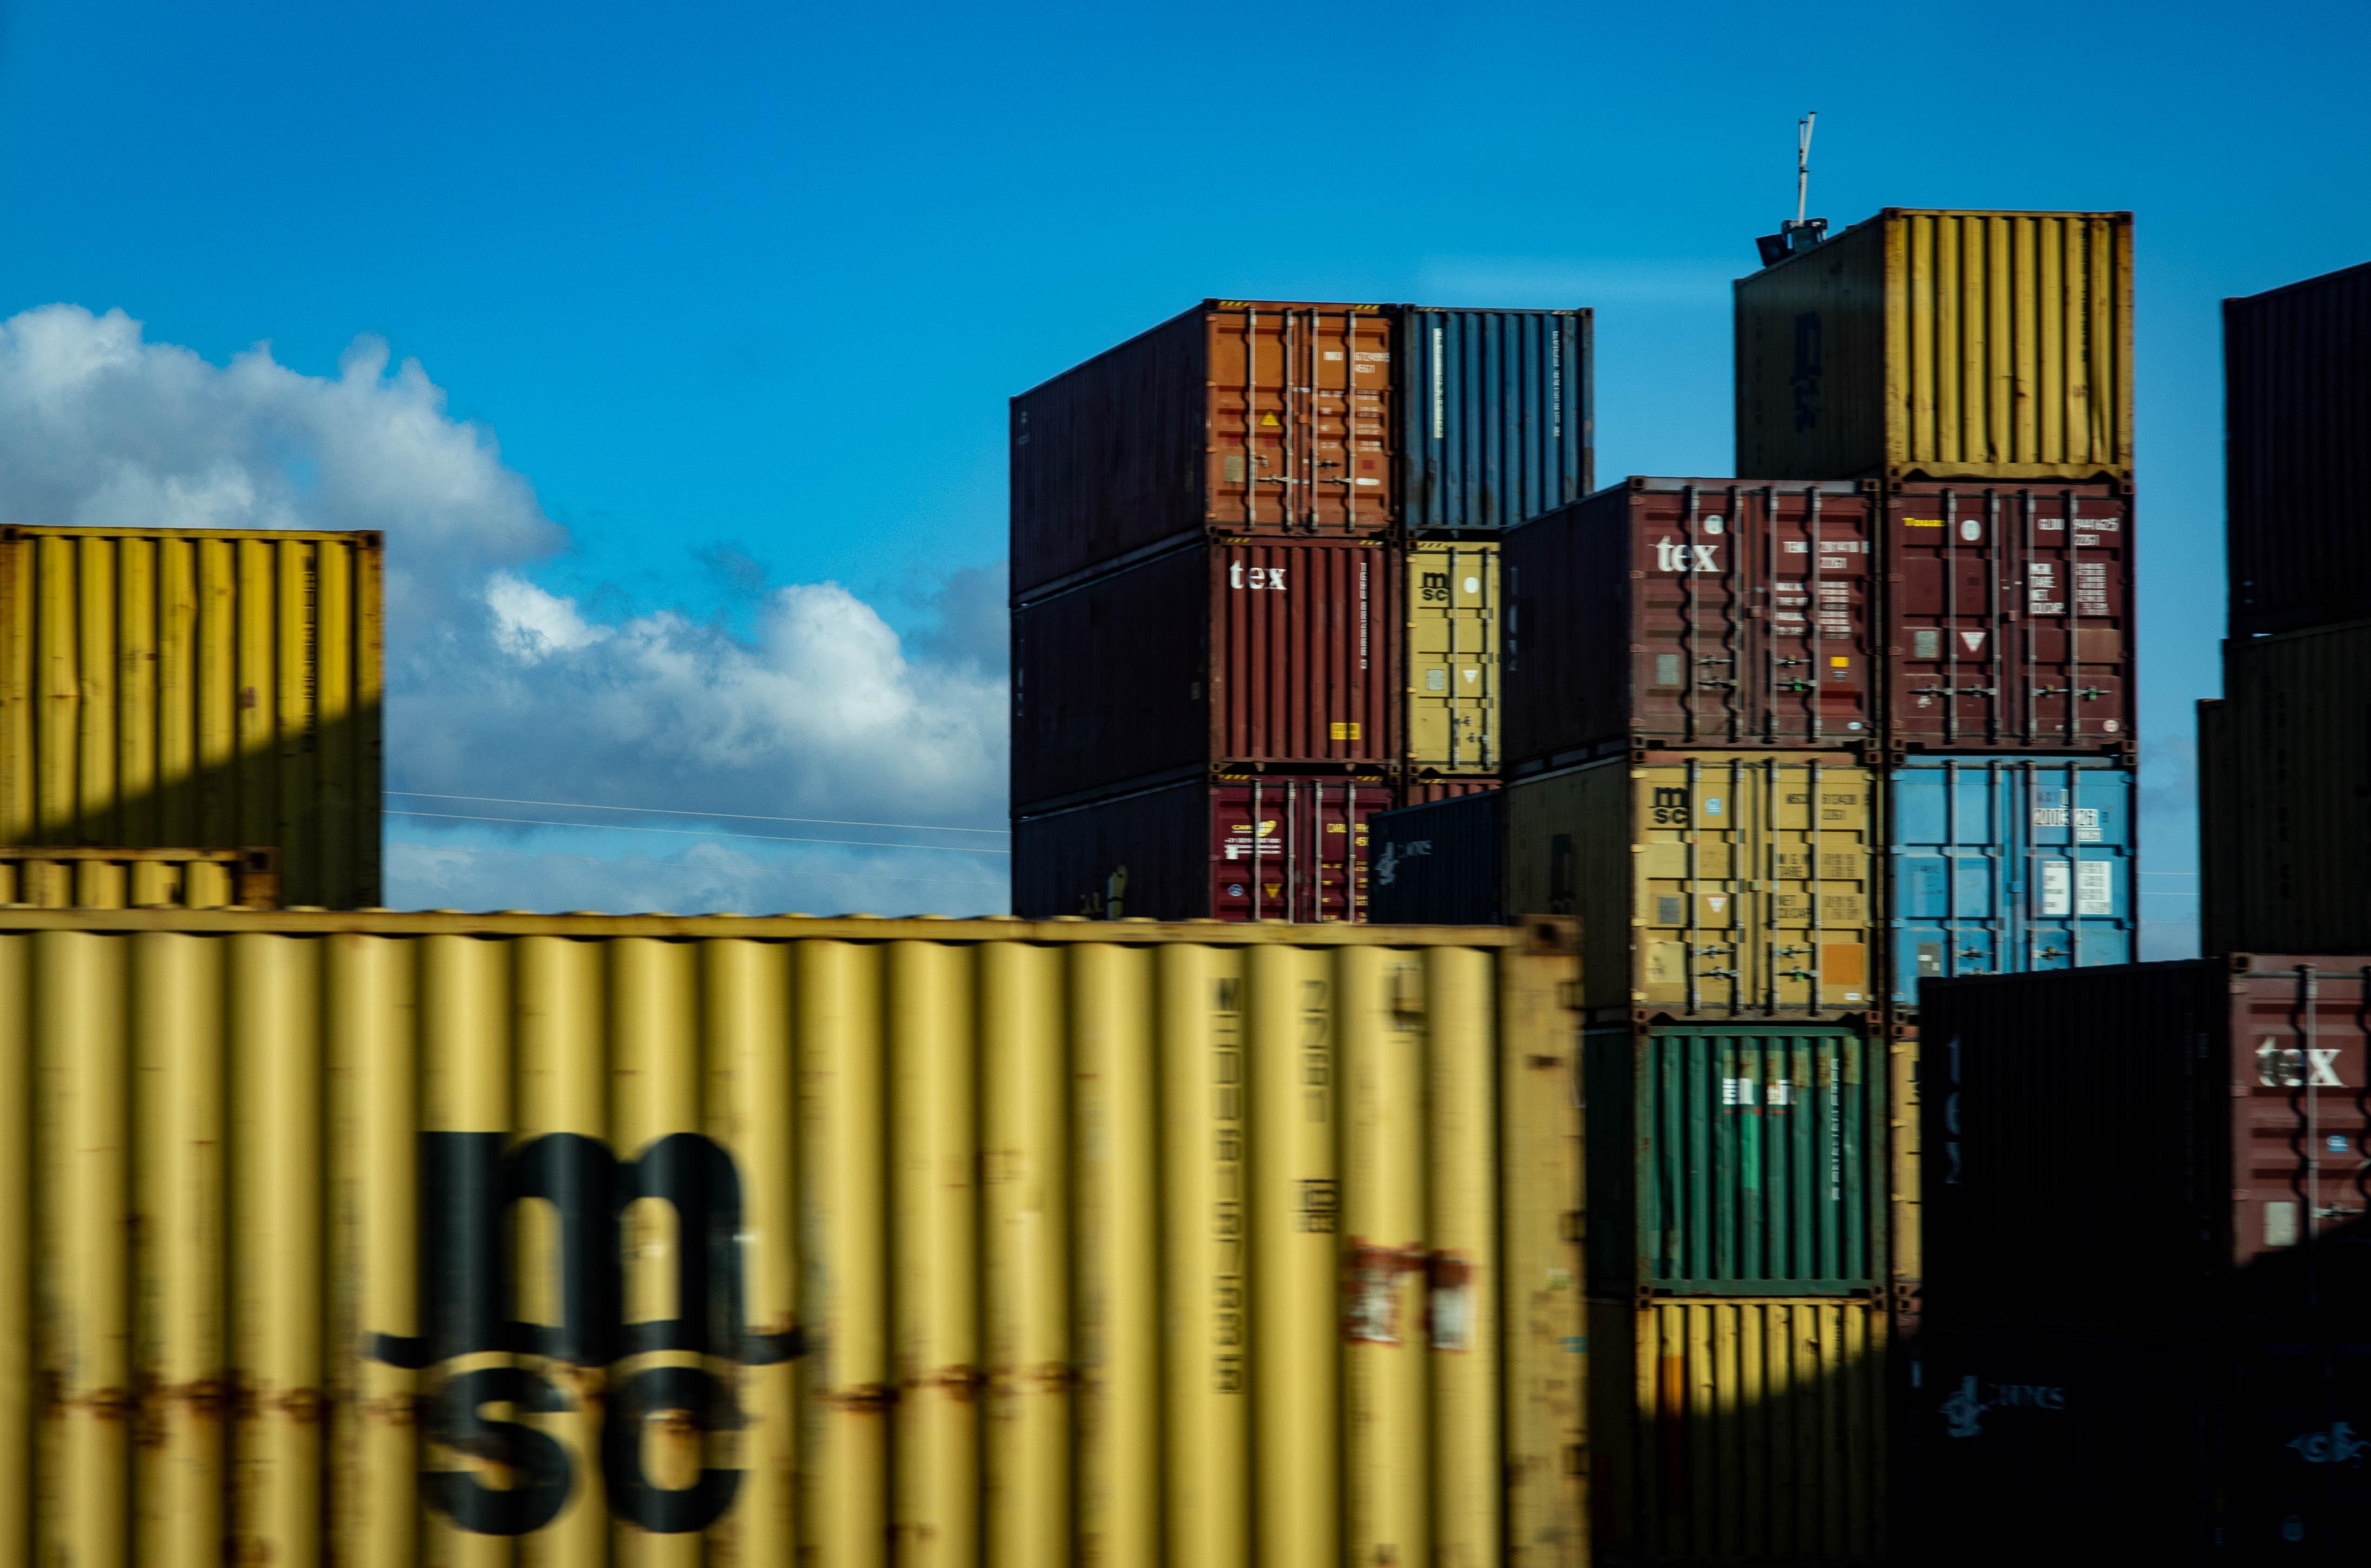 OPZL szuka firm zainteresowanych eksportem towarów do Chin